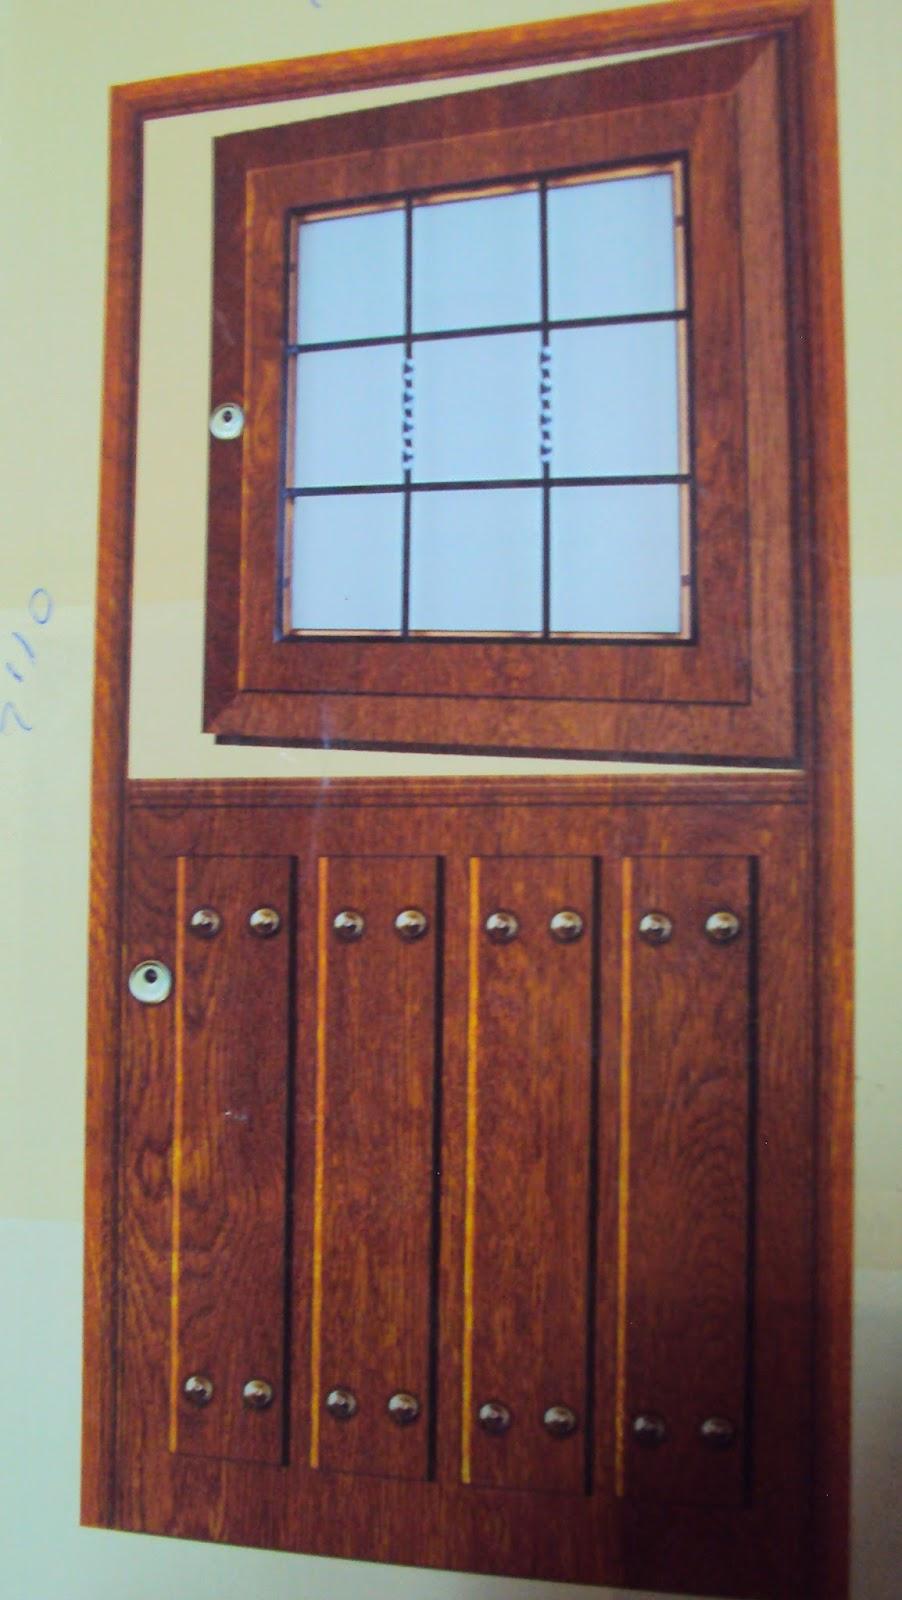 Aluminio y cerrajer a abel y cesar santiuste de san juan for Puertas para terrazas madera